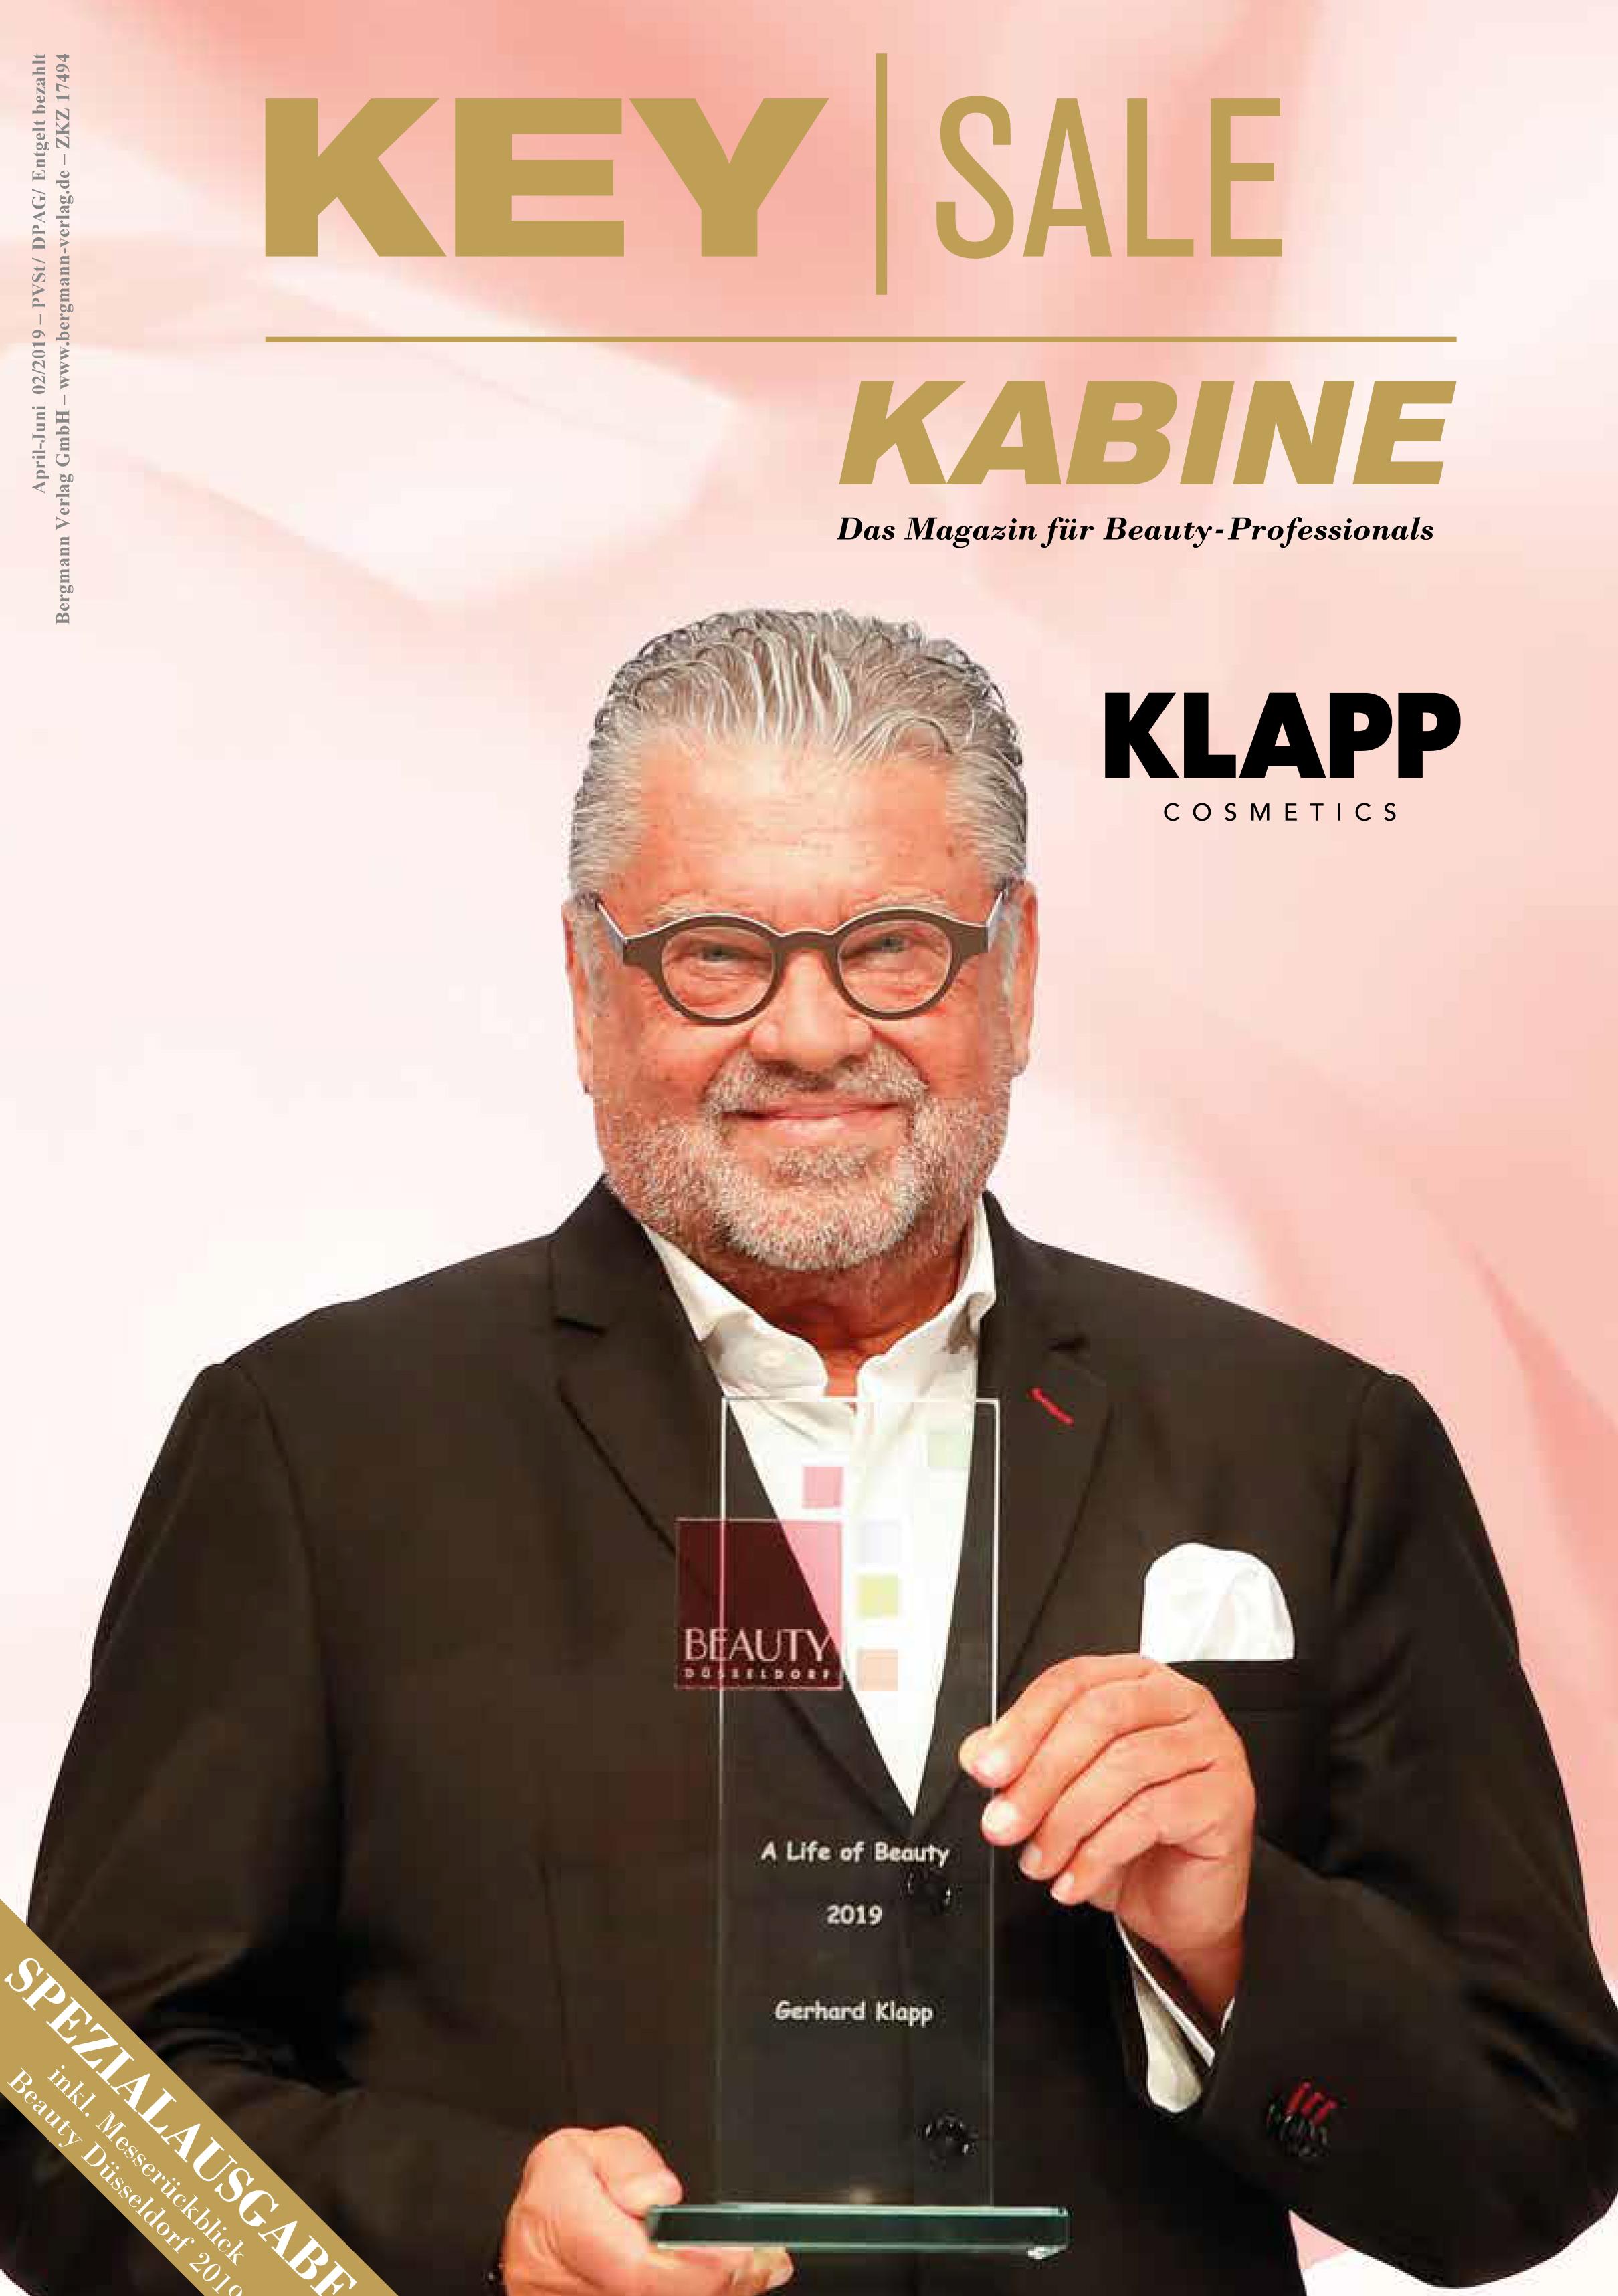 SOFRI-Seminare 2019, Key Sale Kabine im Mai 2019